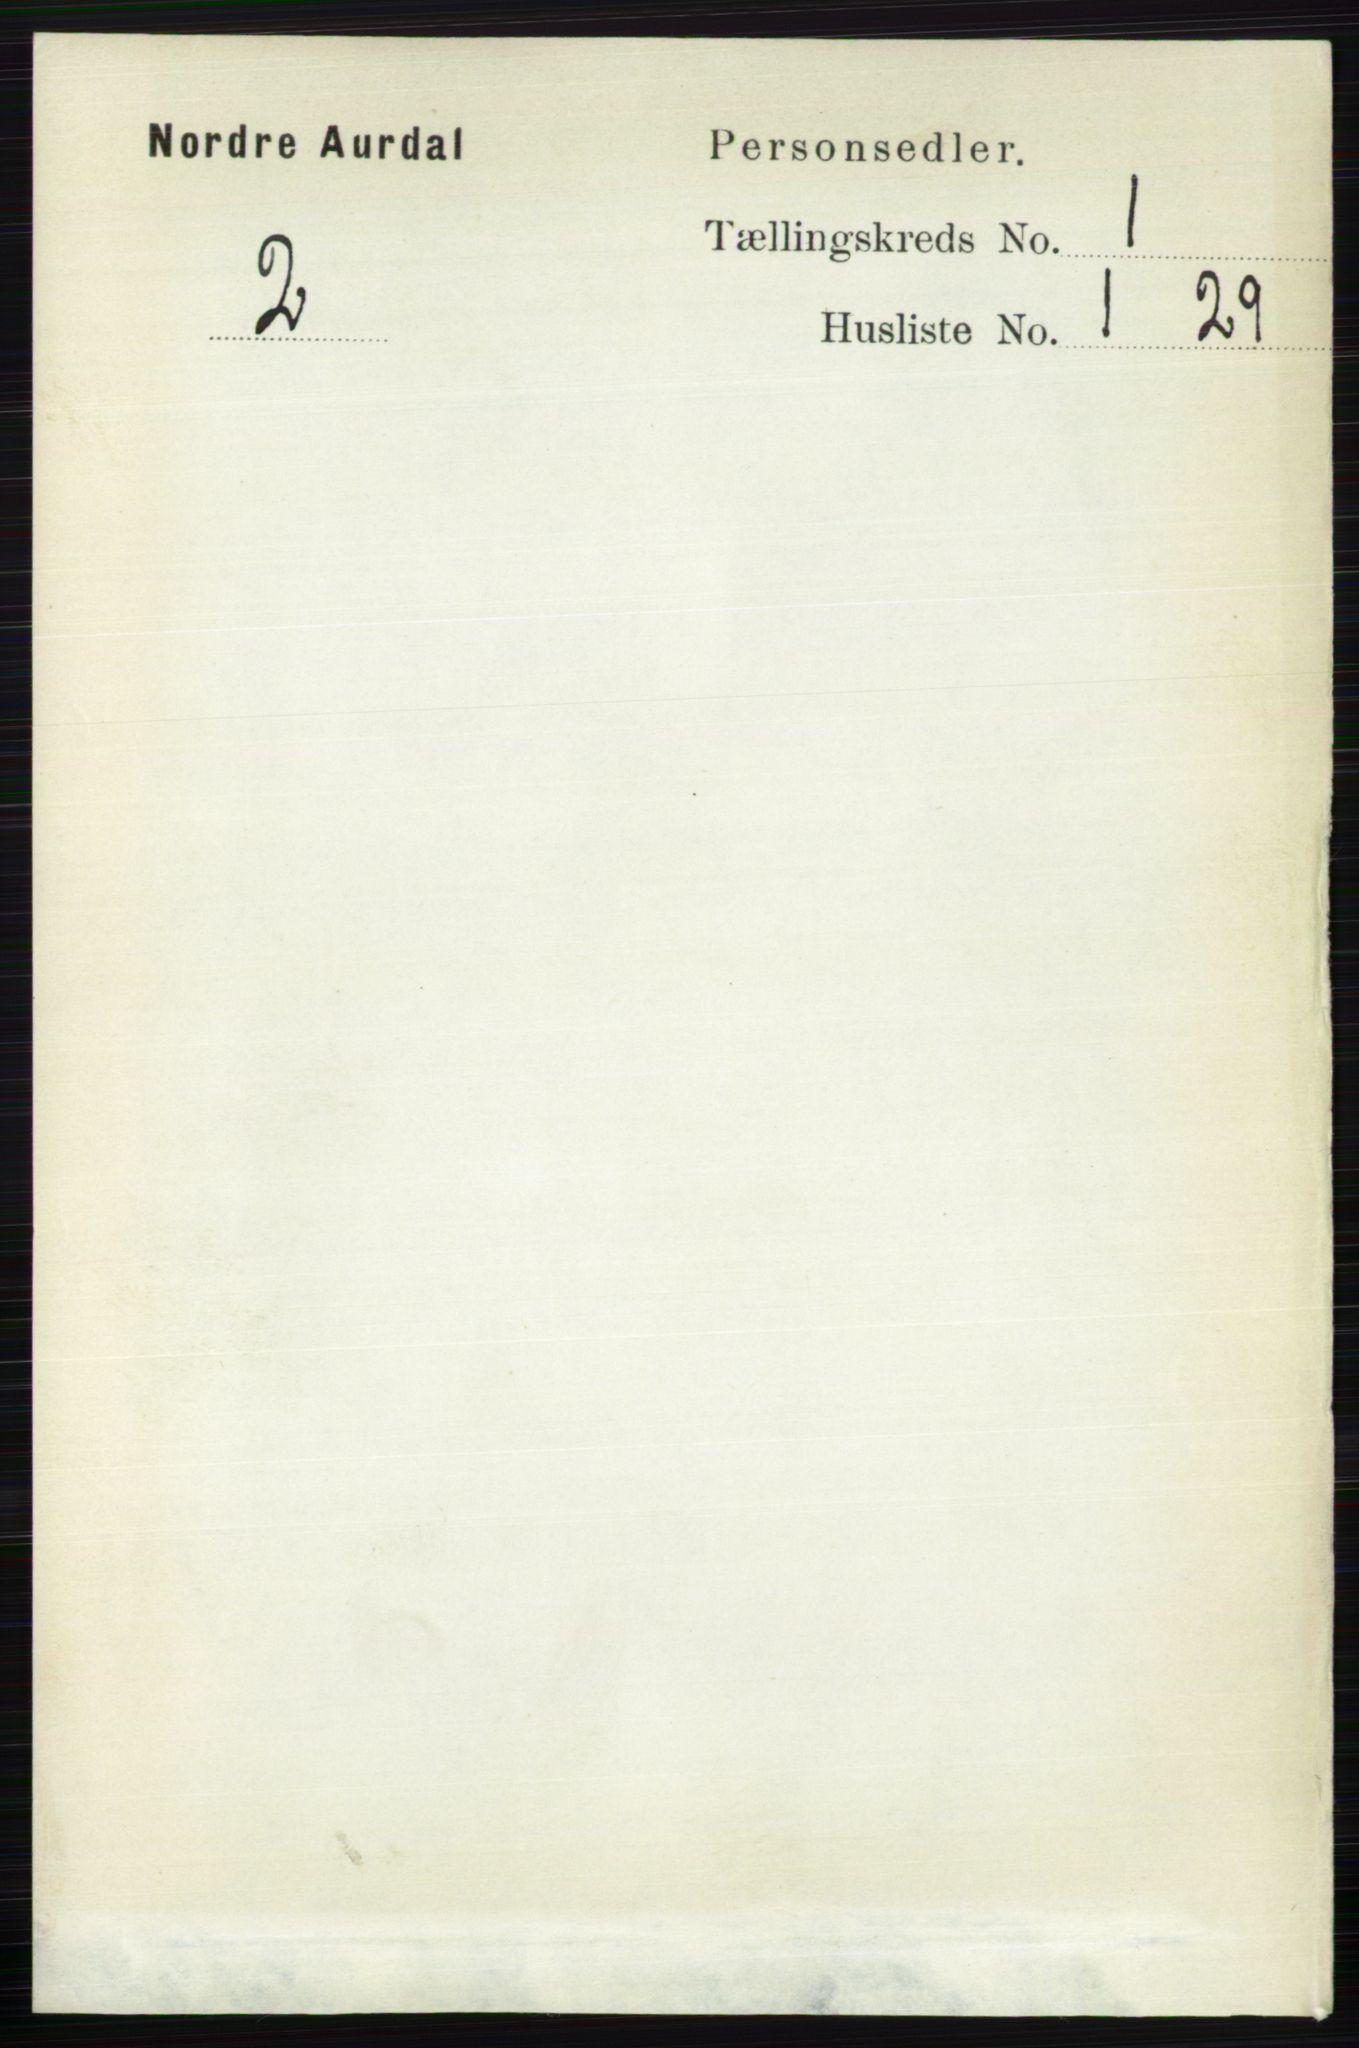 RA, Folketelling 1891 for 0542 Nord-Aurdal herred, 1891, s. 119